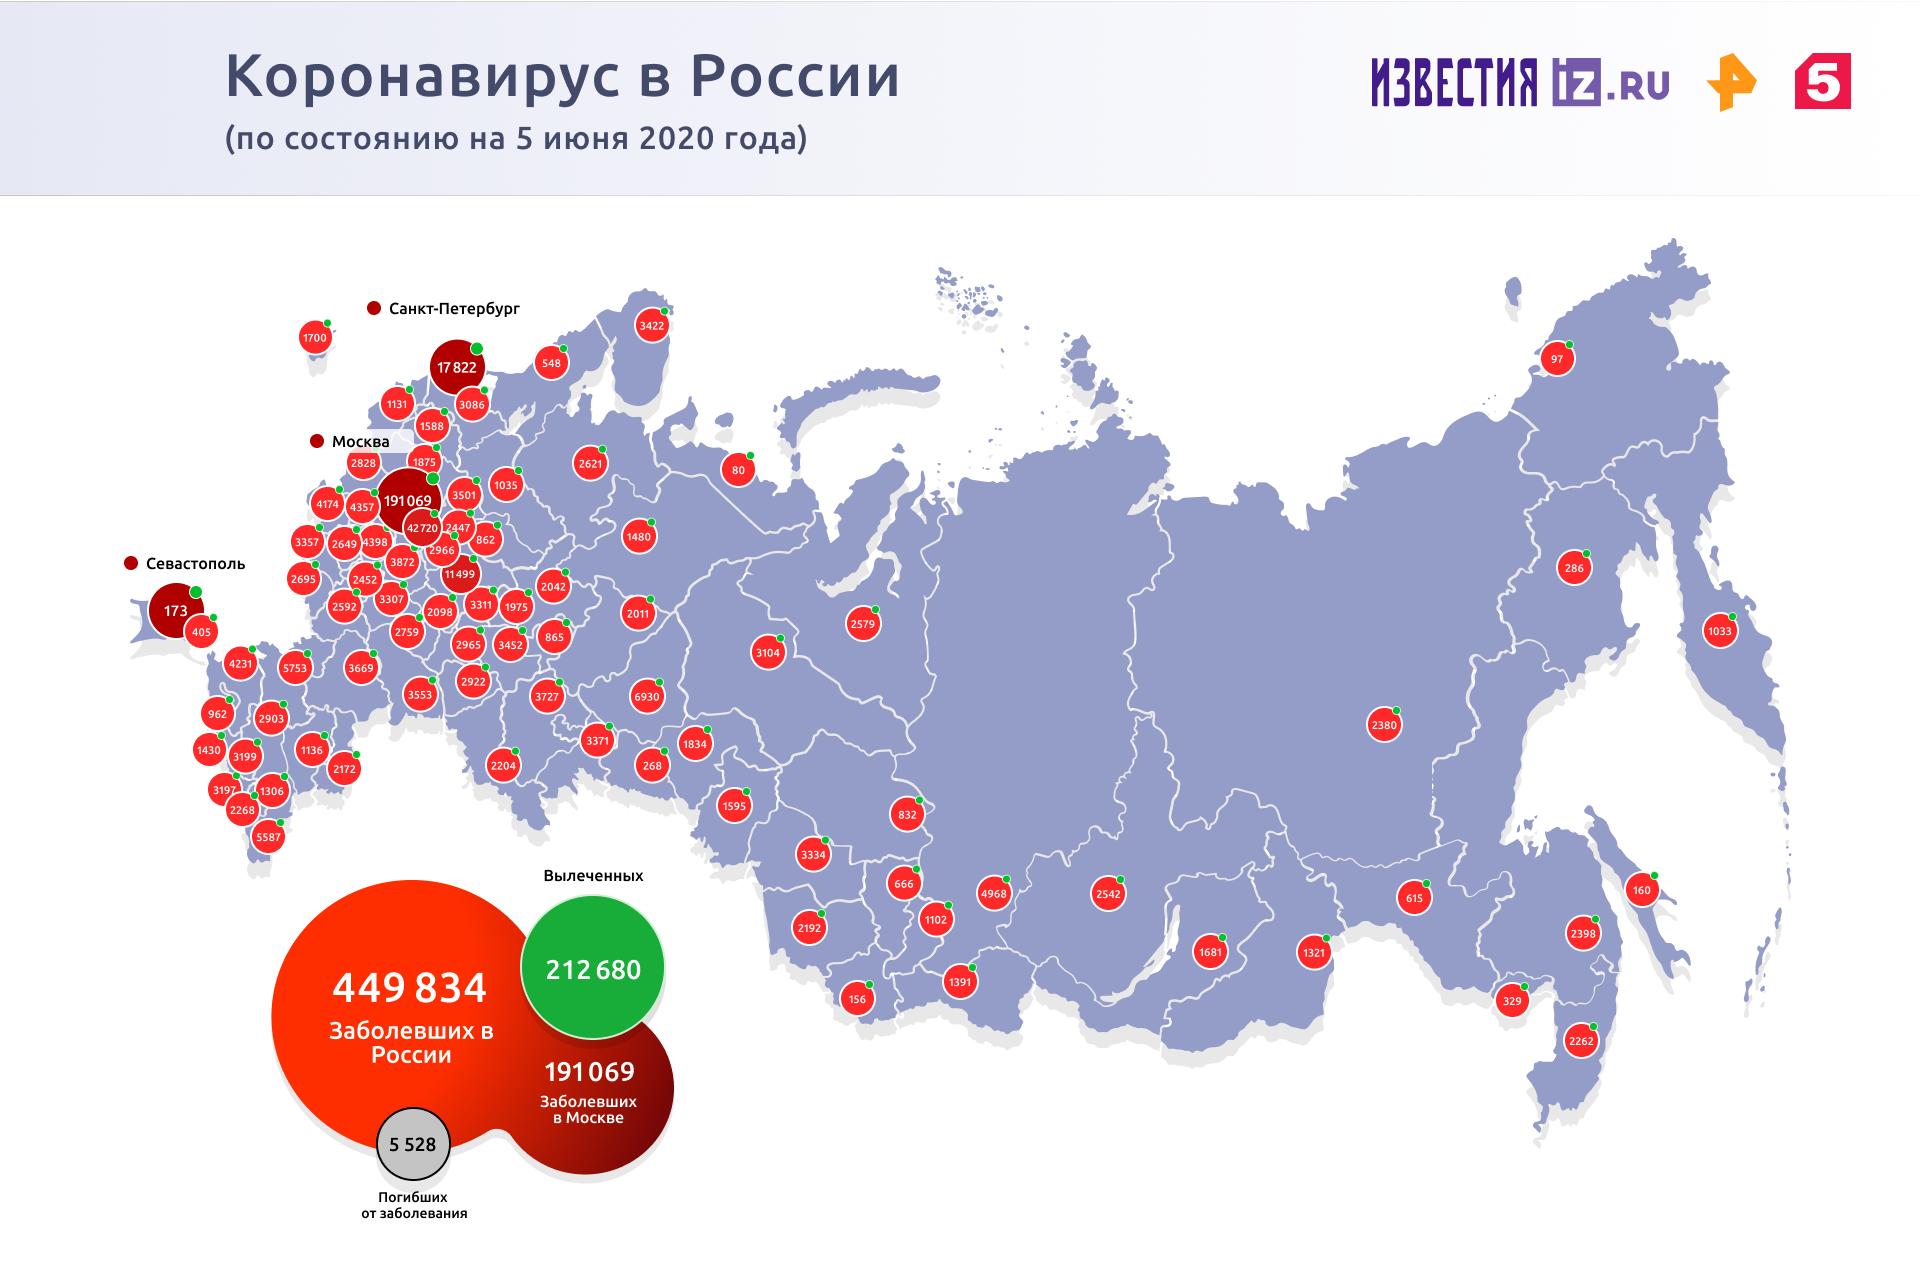 Воробьев исключил открытие ТЦ в Подмосковье на данном этапе